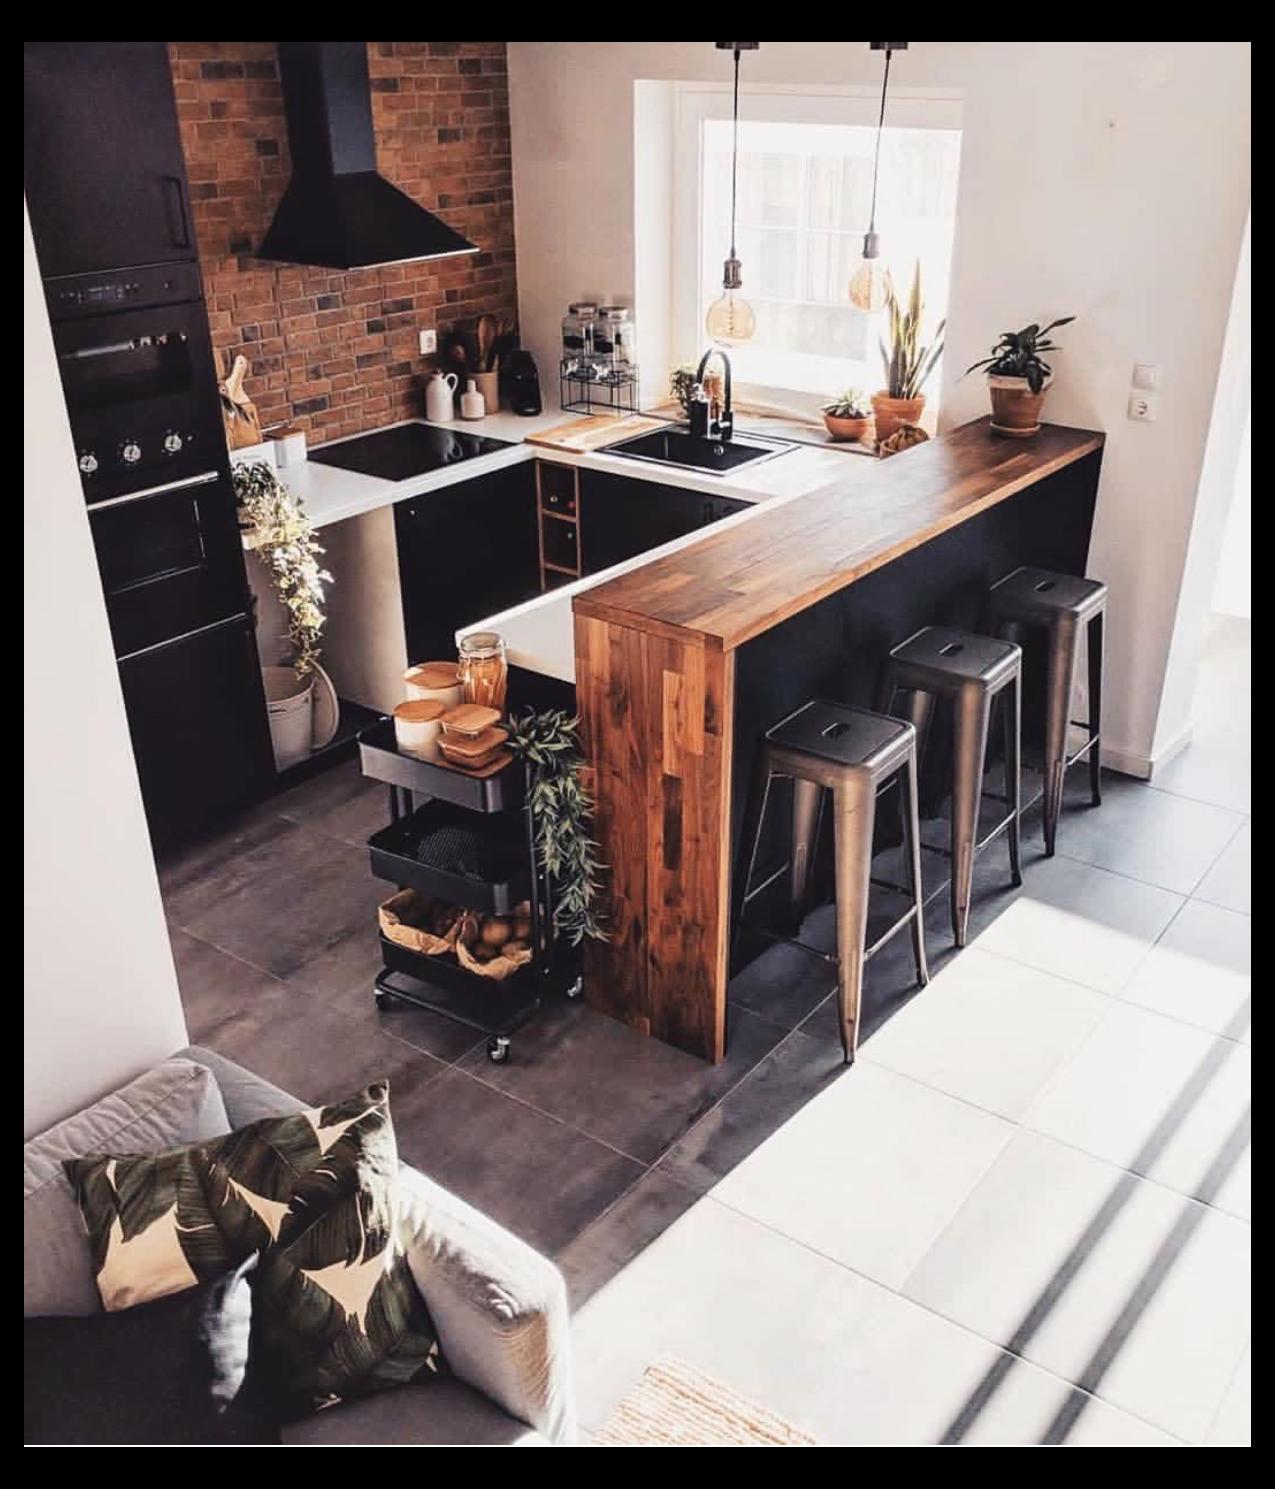 interior design kitchen rustic farmhouse style